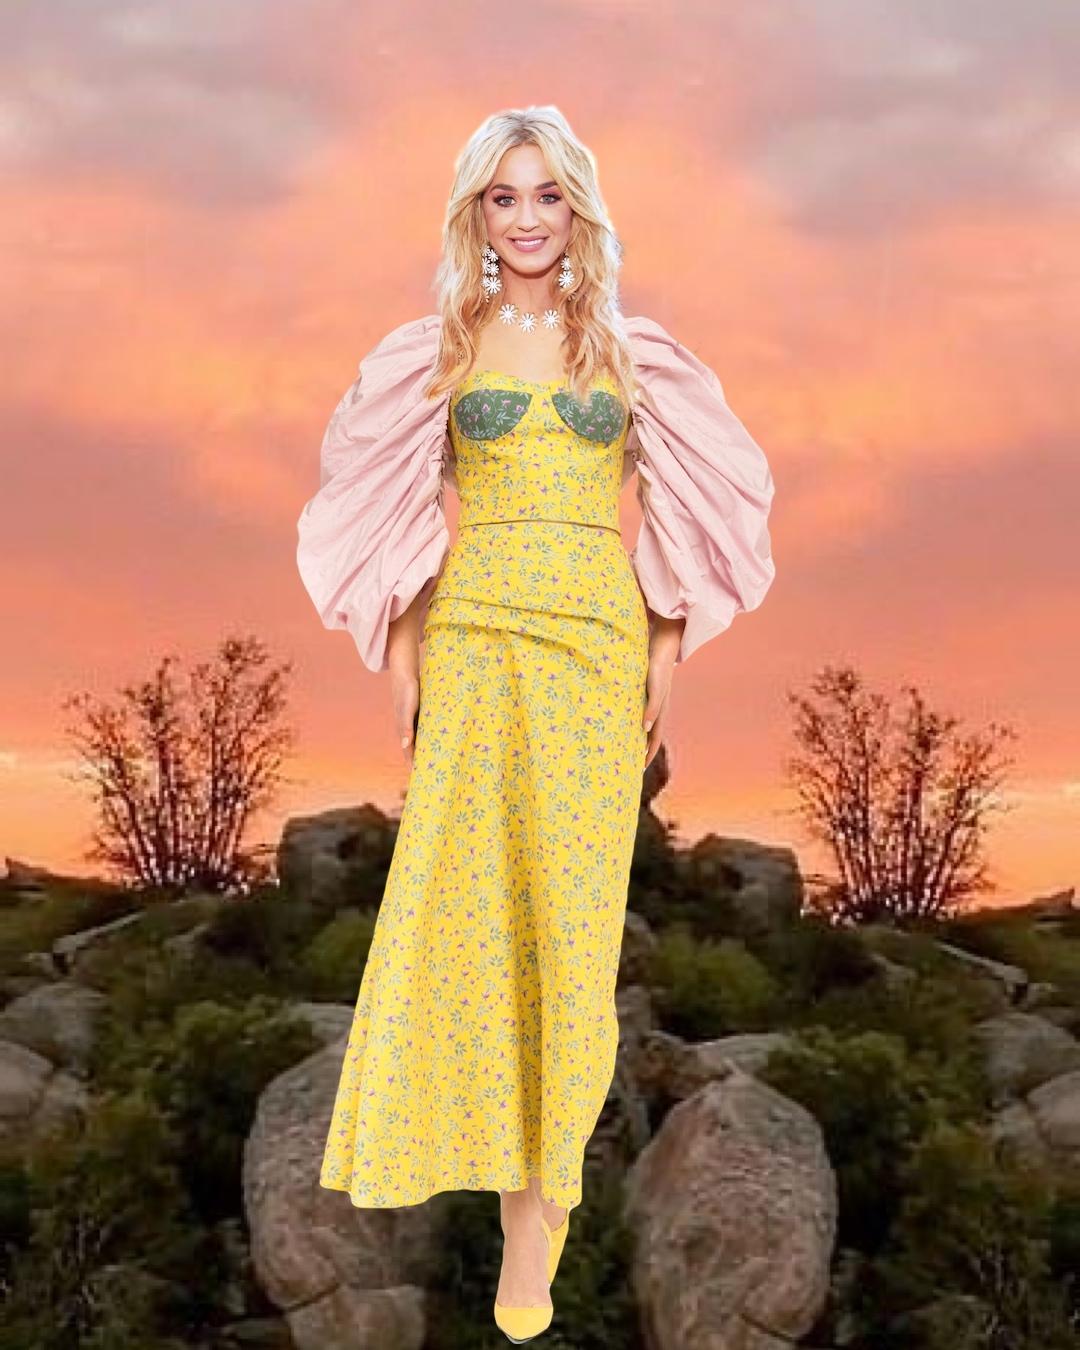 Звездный флешмоб: дизайнер Дарья Донец в шутку примерила свои наряды на мировых знаменитостях (ФОТО) - фото №2